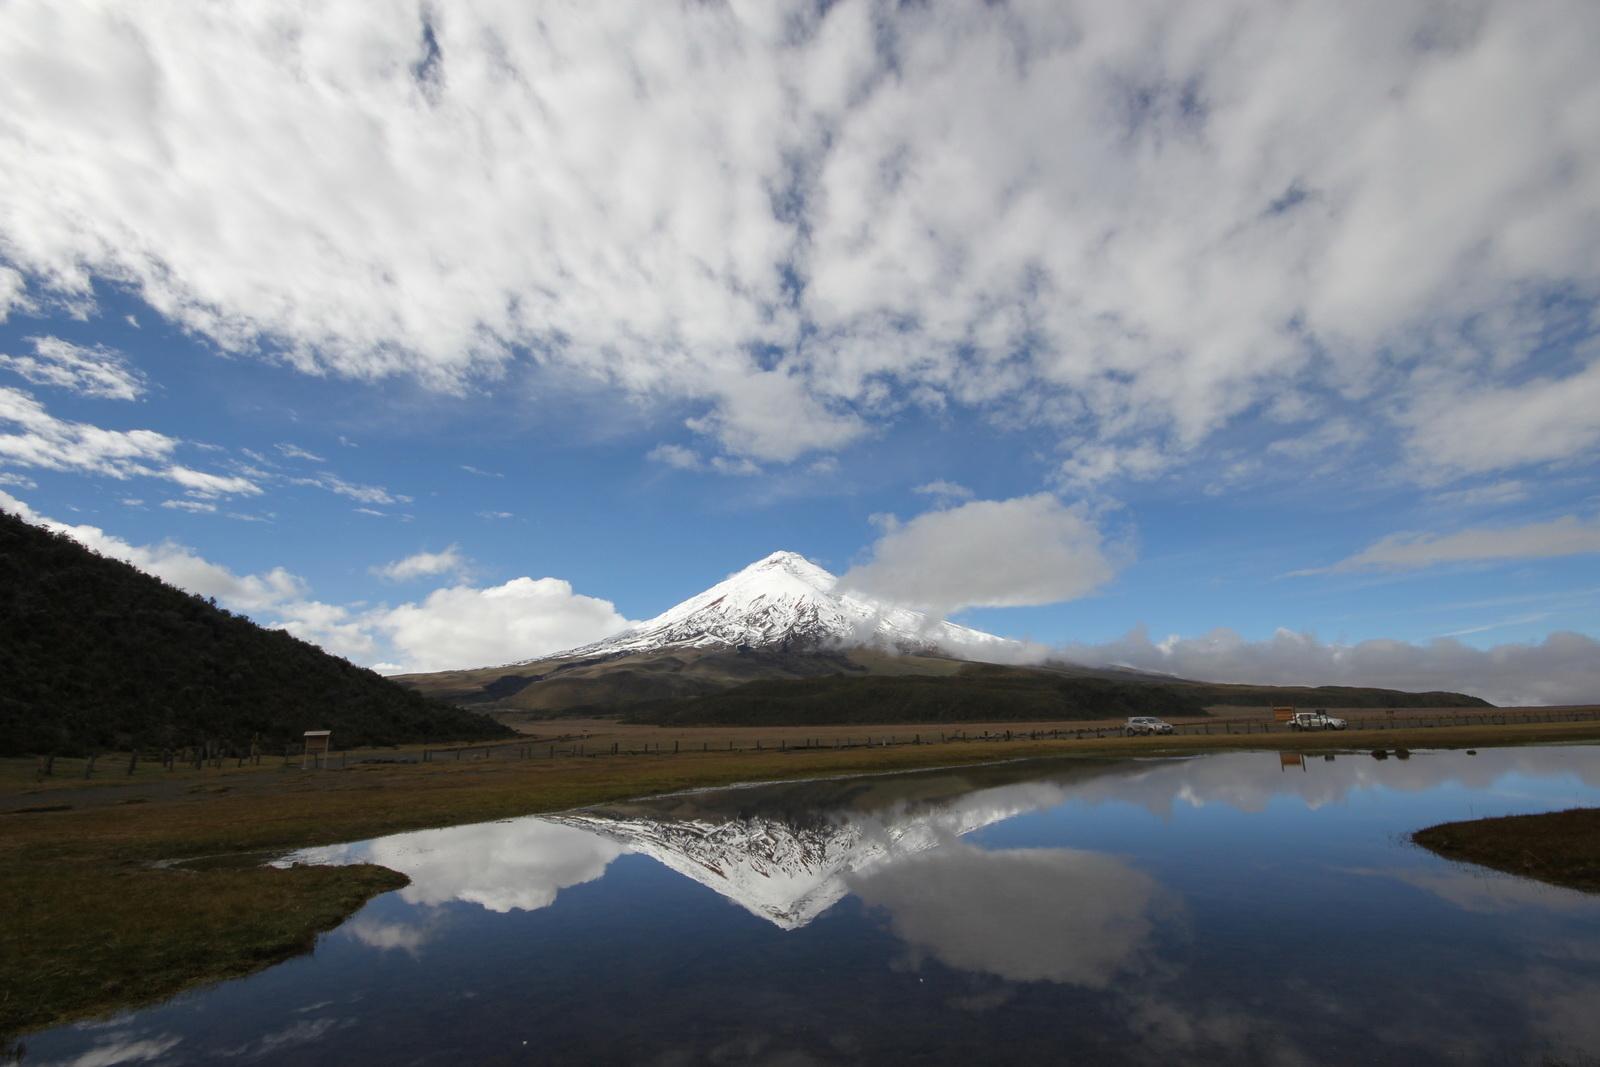 Pasochoa Climbing, Illinizas Climbing, Cotopaxi Climbing, Ecuador Tours, Quito Tour Operator, Climbing Ecuador, Ecuador Tour